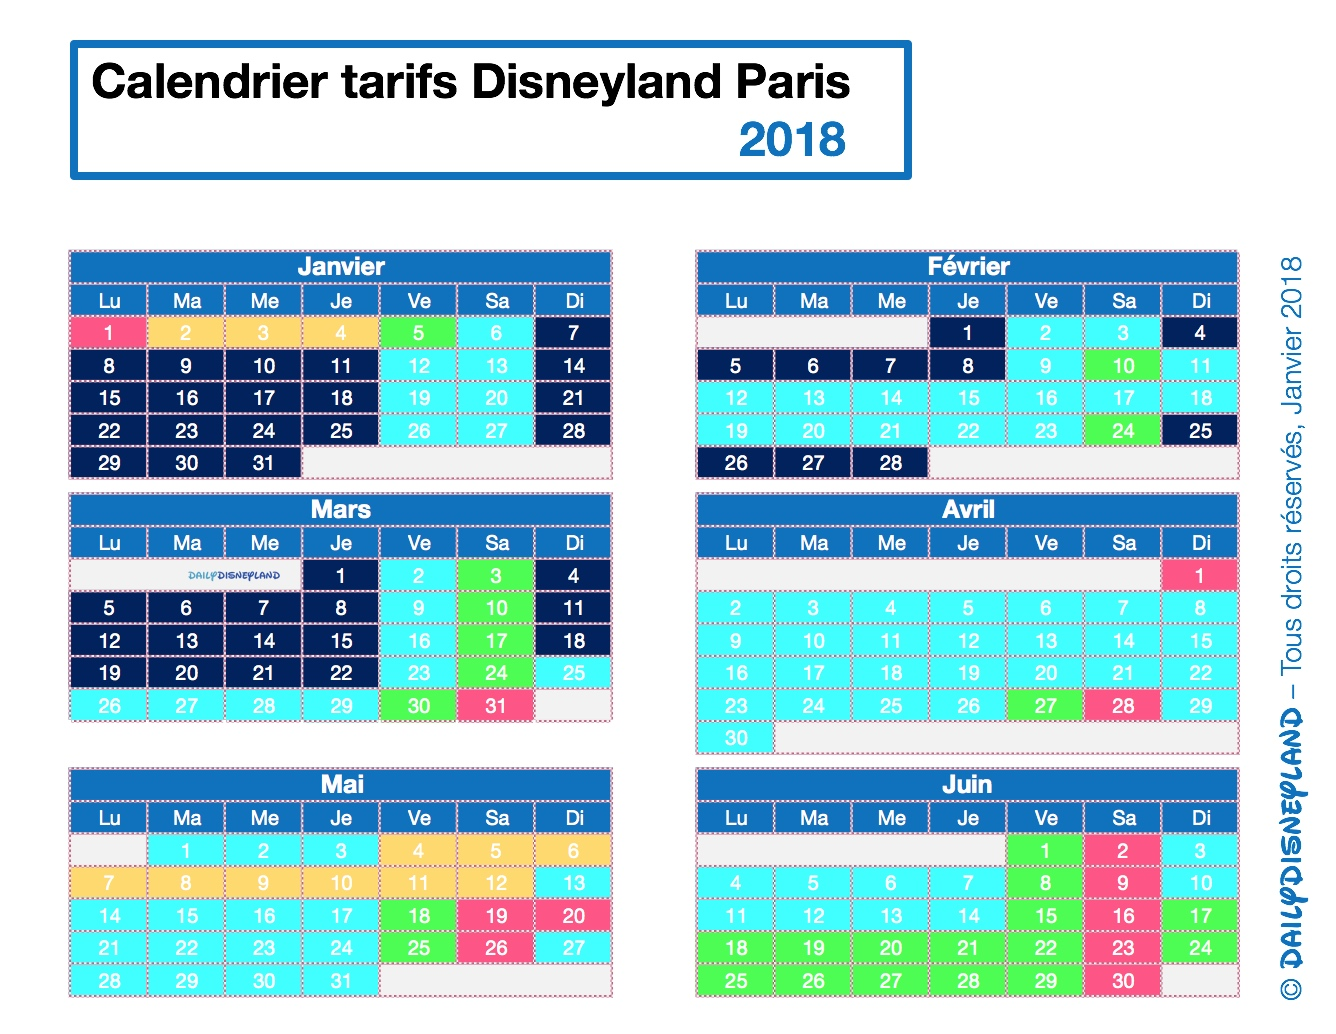 Disneyland paris pas cher calendrier des dates les moins ch res de 2018t daily disneyland - Date des saisons 2016 ...